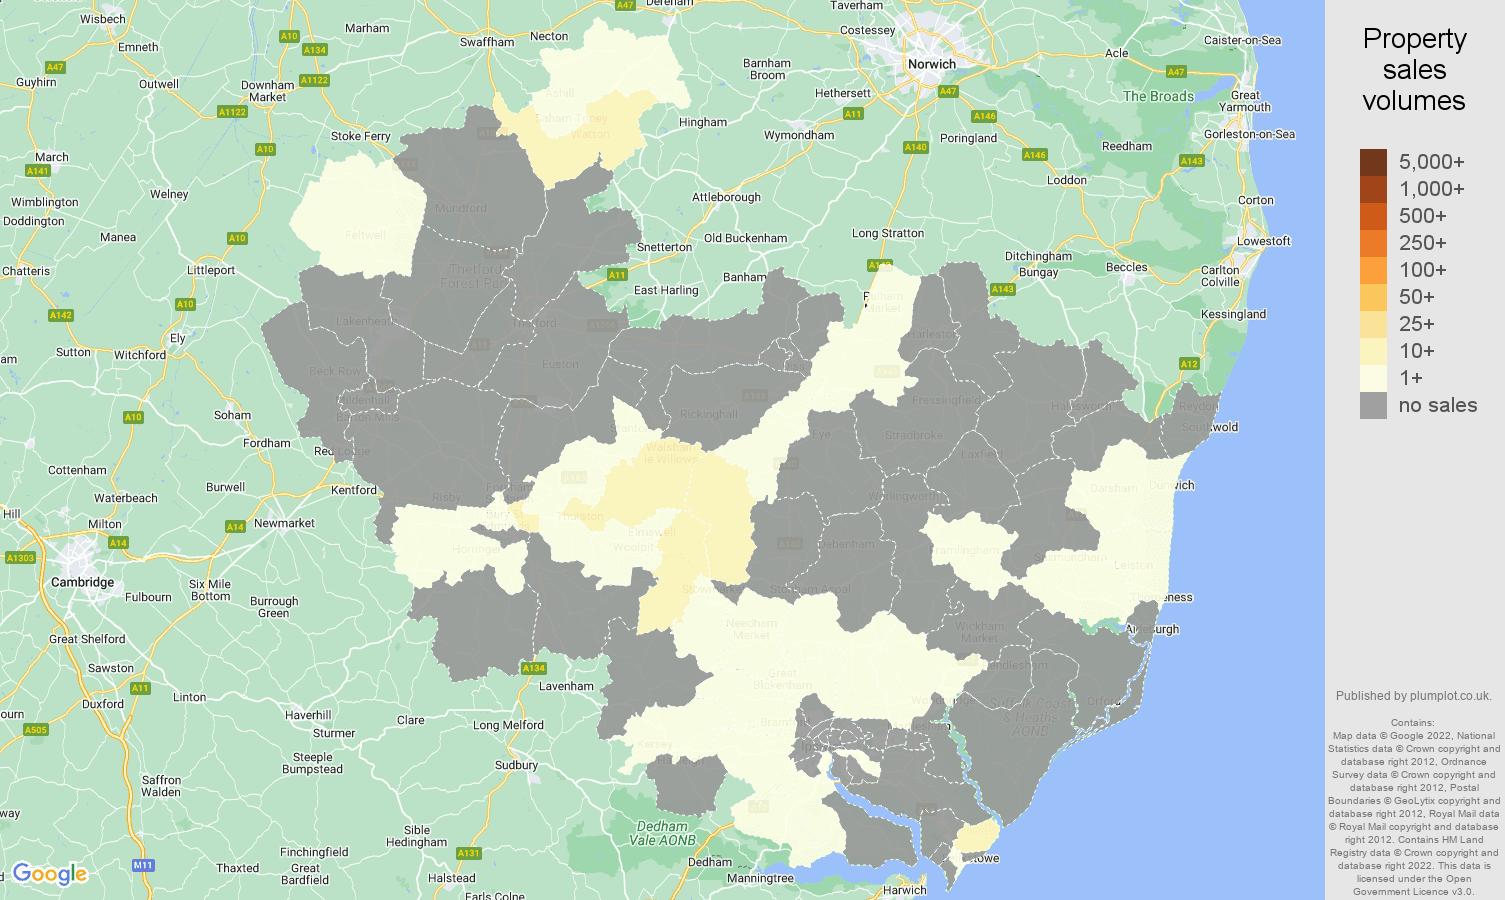 Ipswich map of sales of new properties